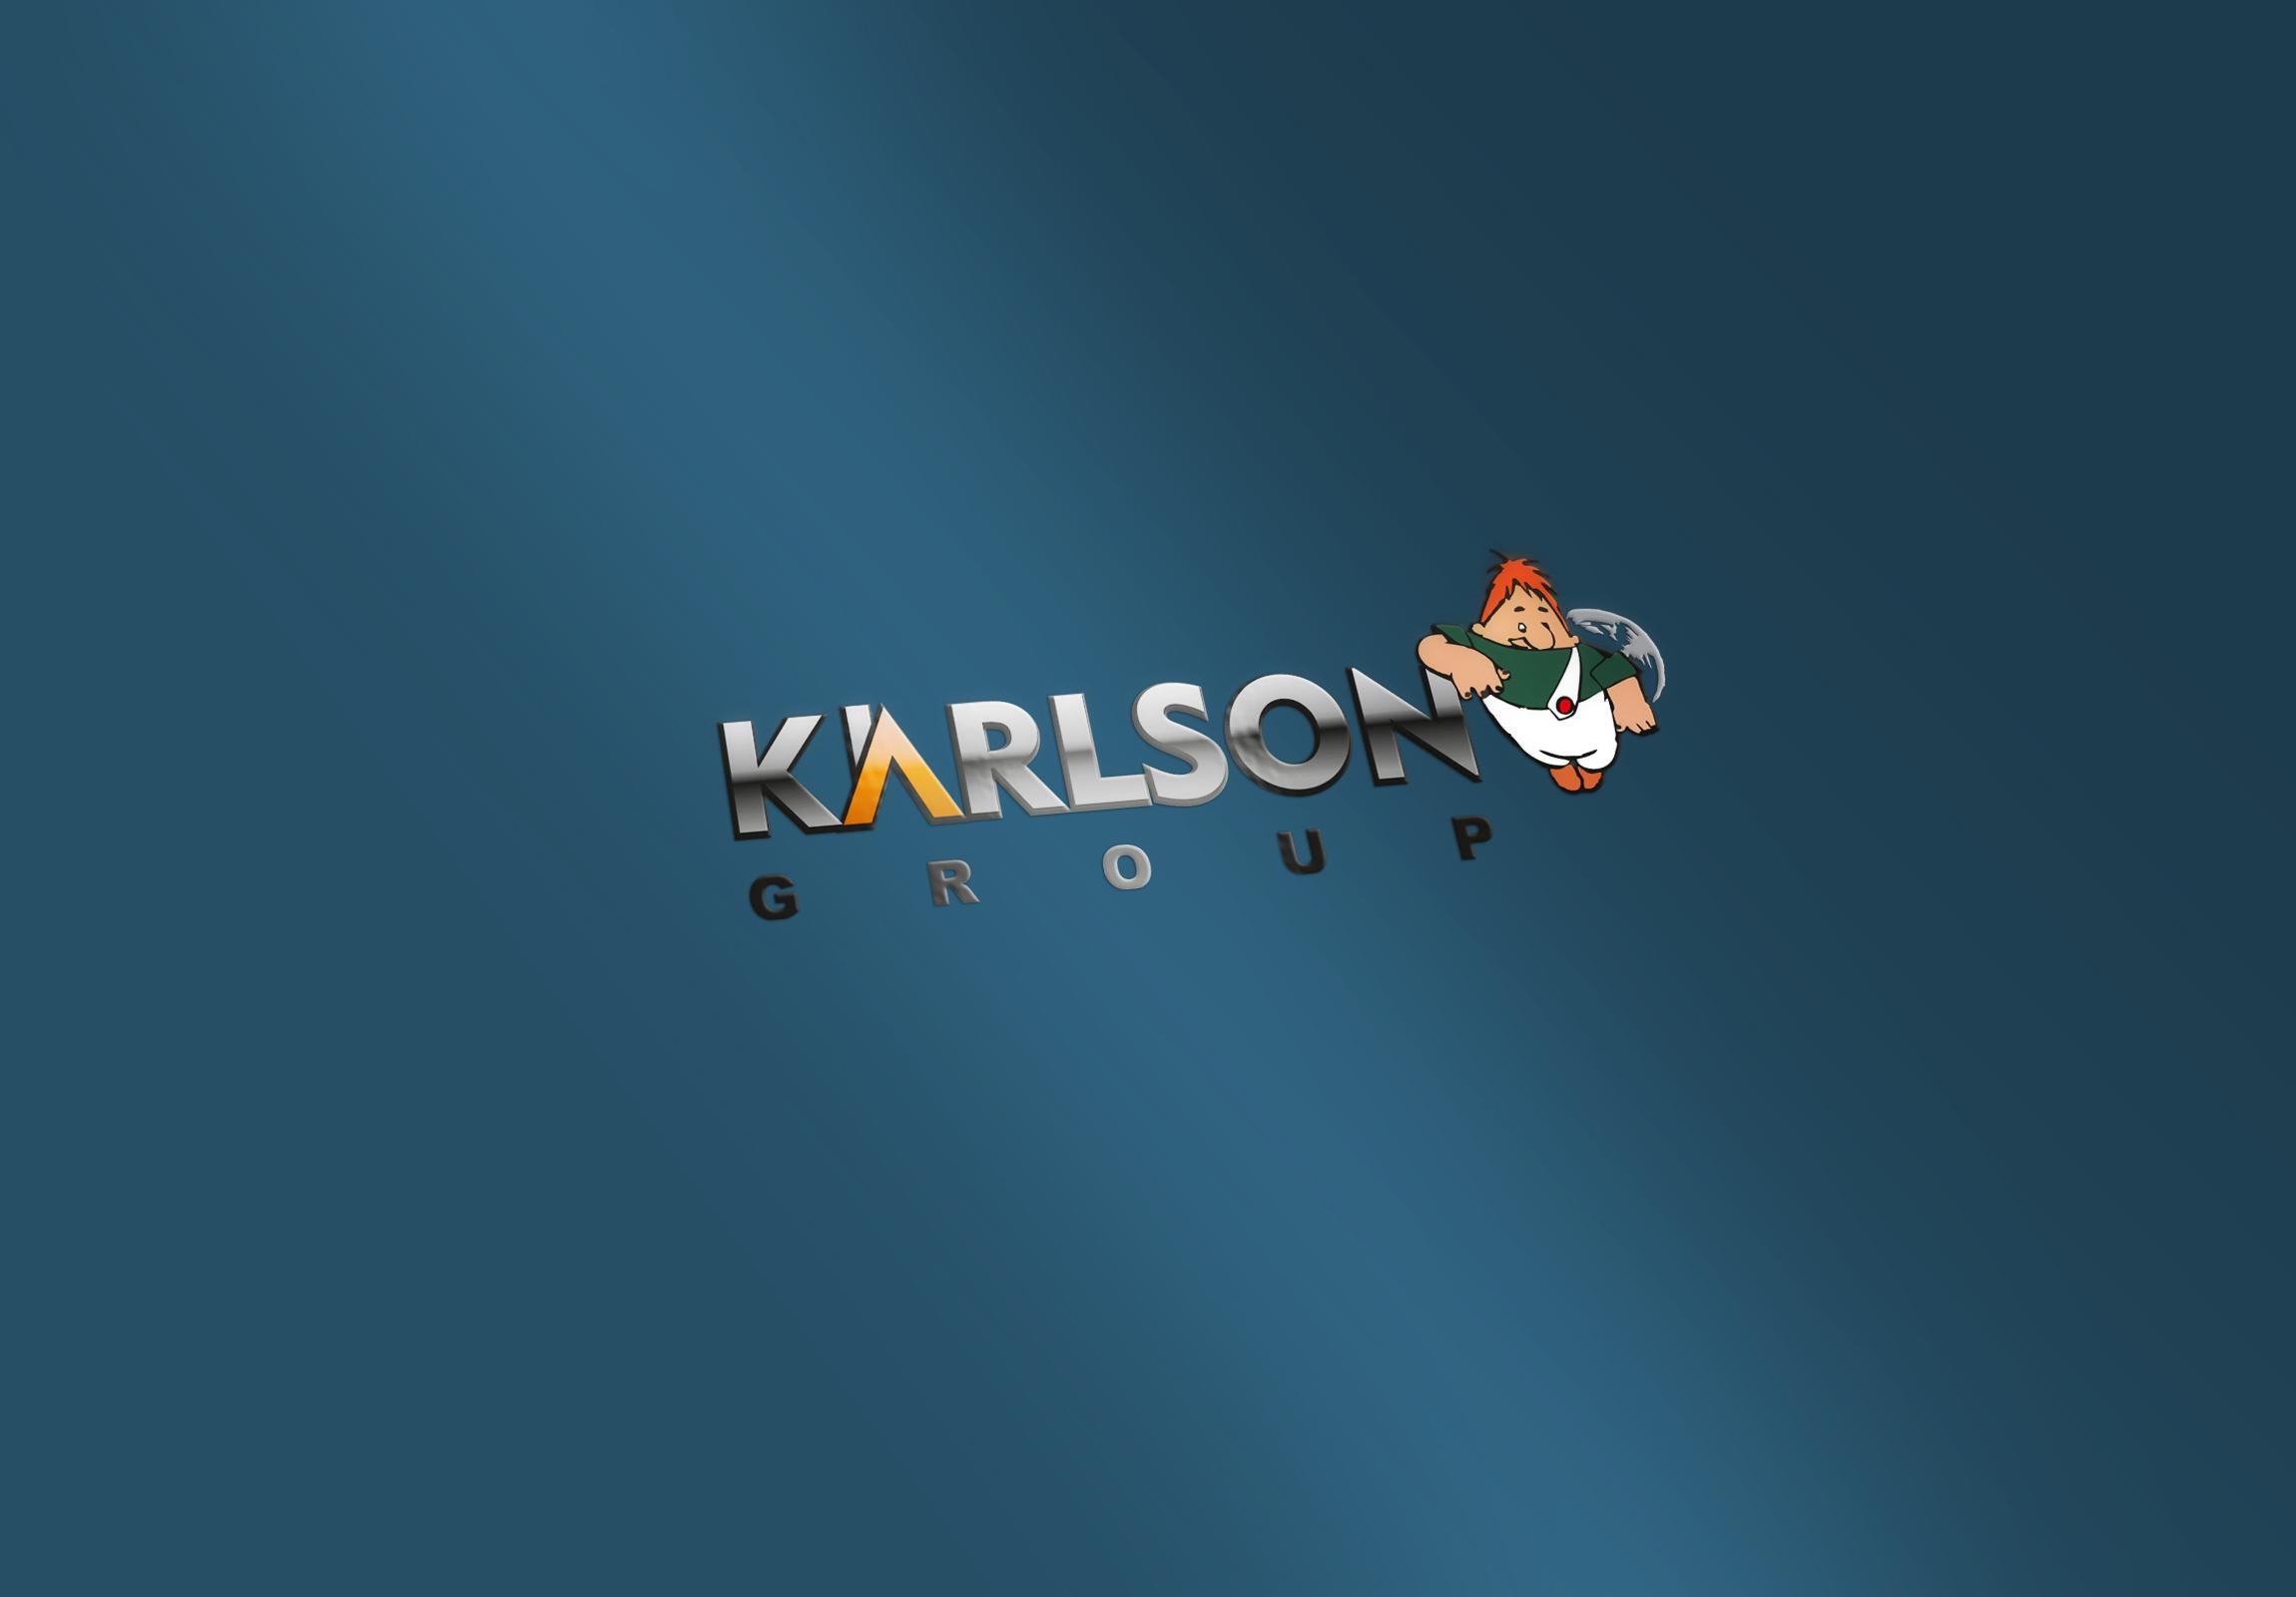 Придумать классный логотип фото f_1175991fdc2a9845.jpg